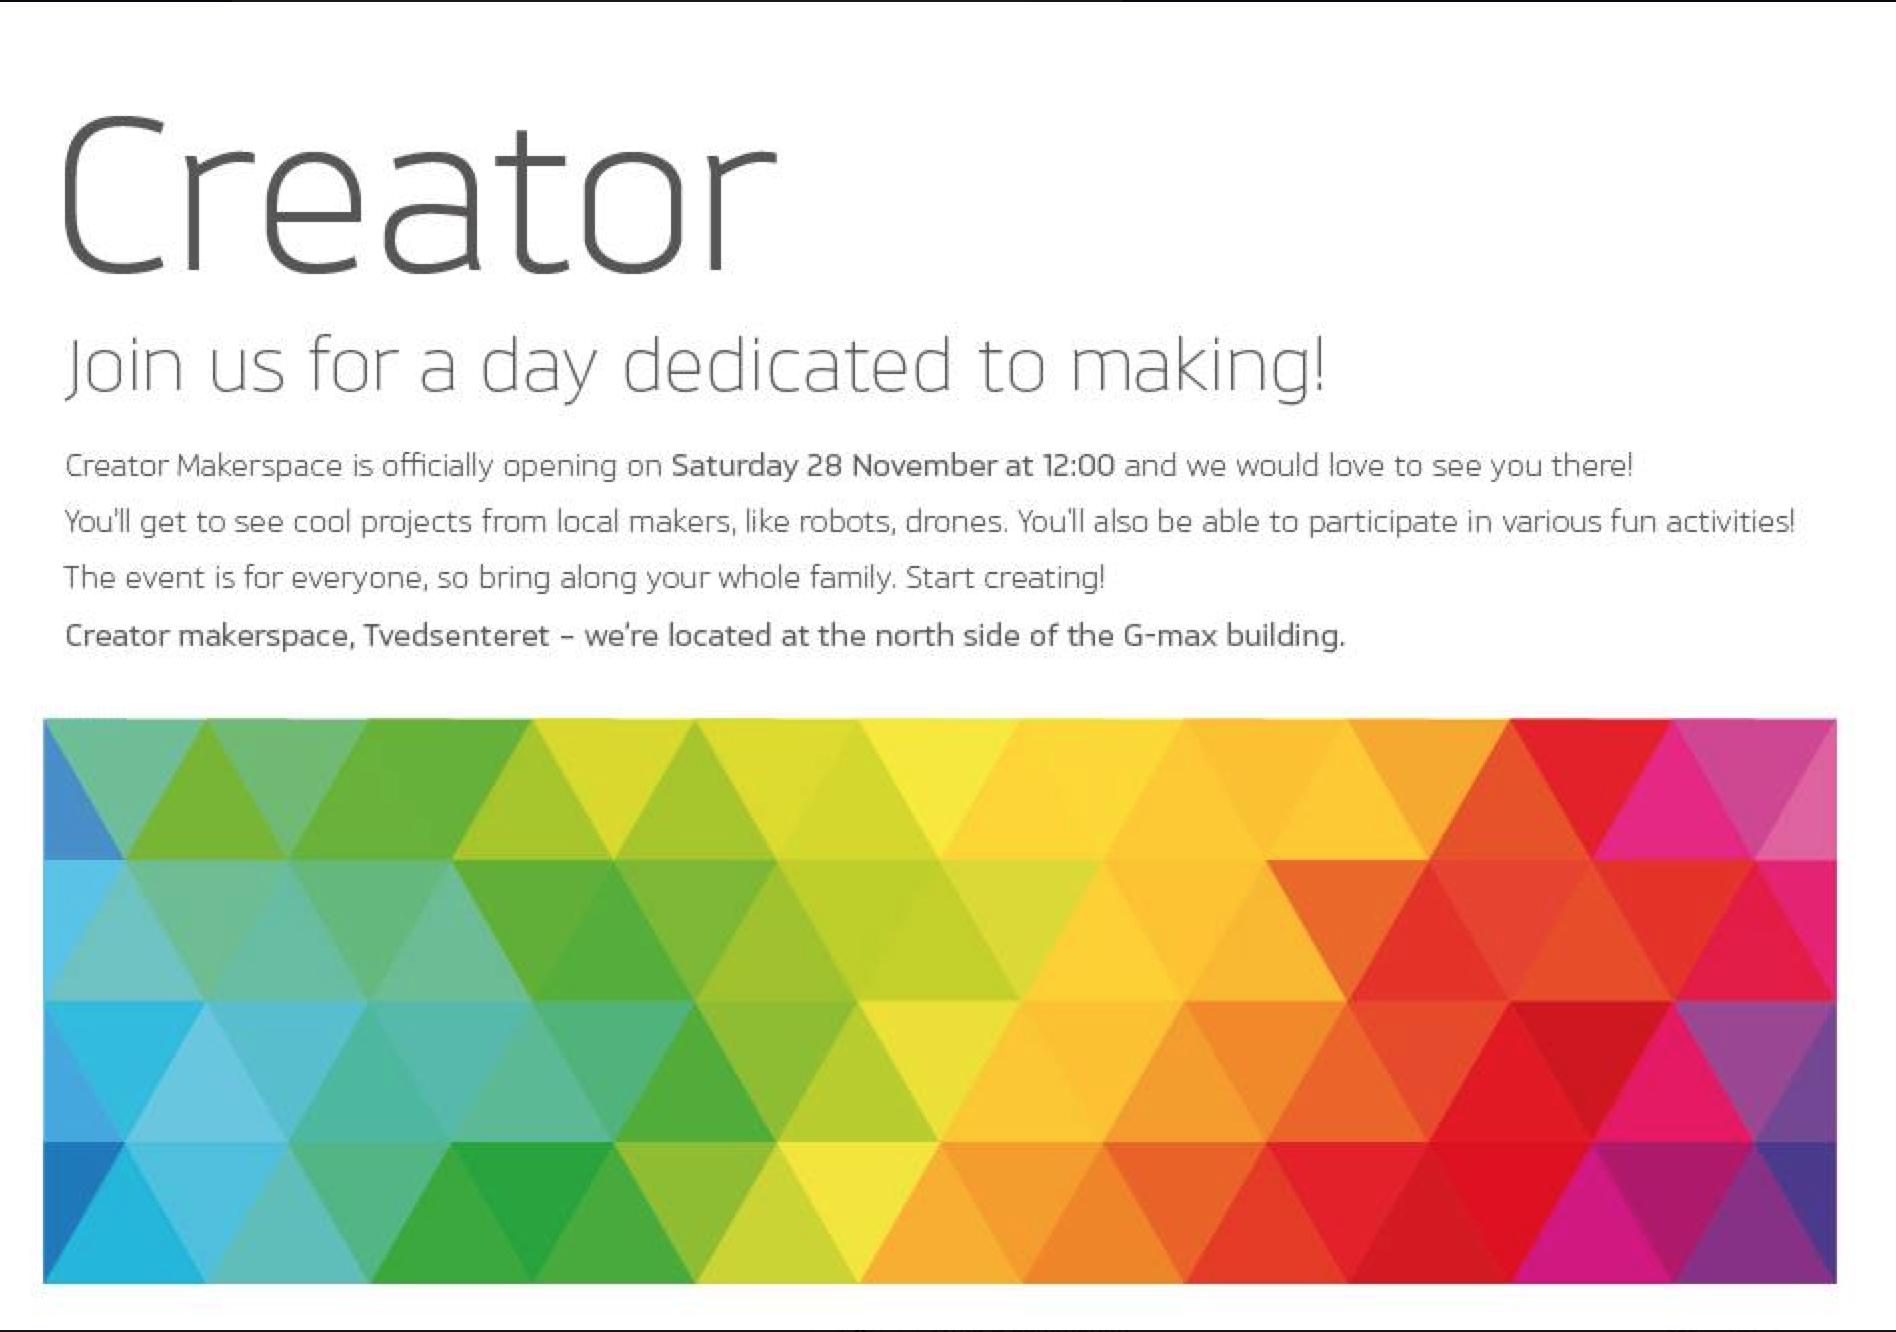 Lørdag 28. november åpner Creator Makerspace i Stavanger